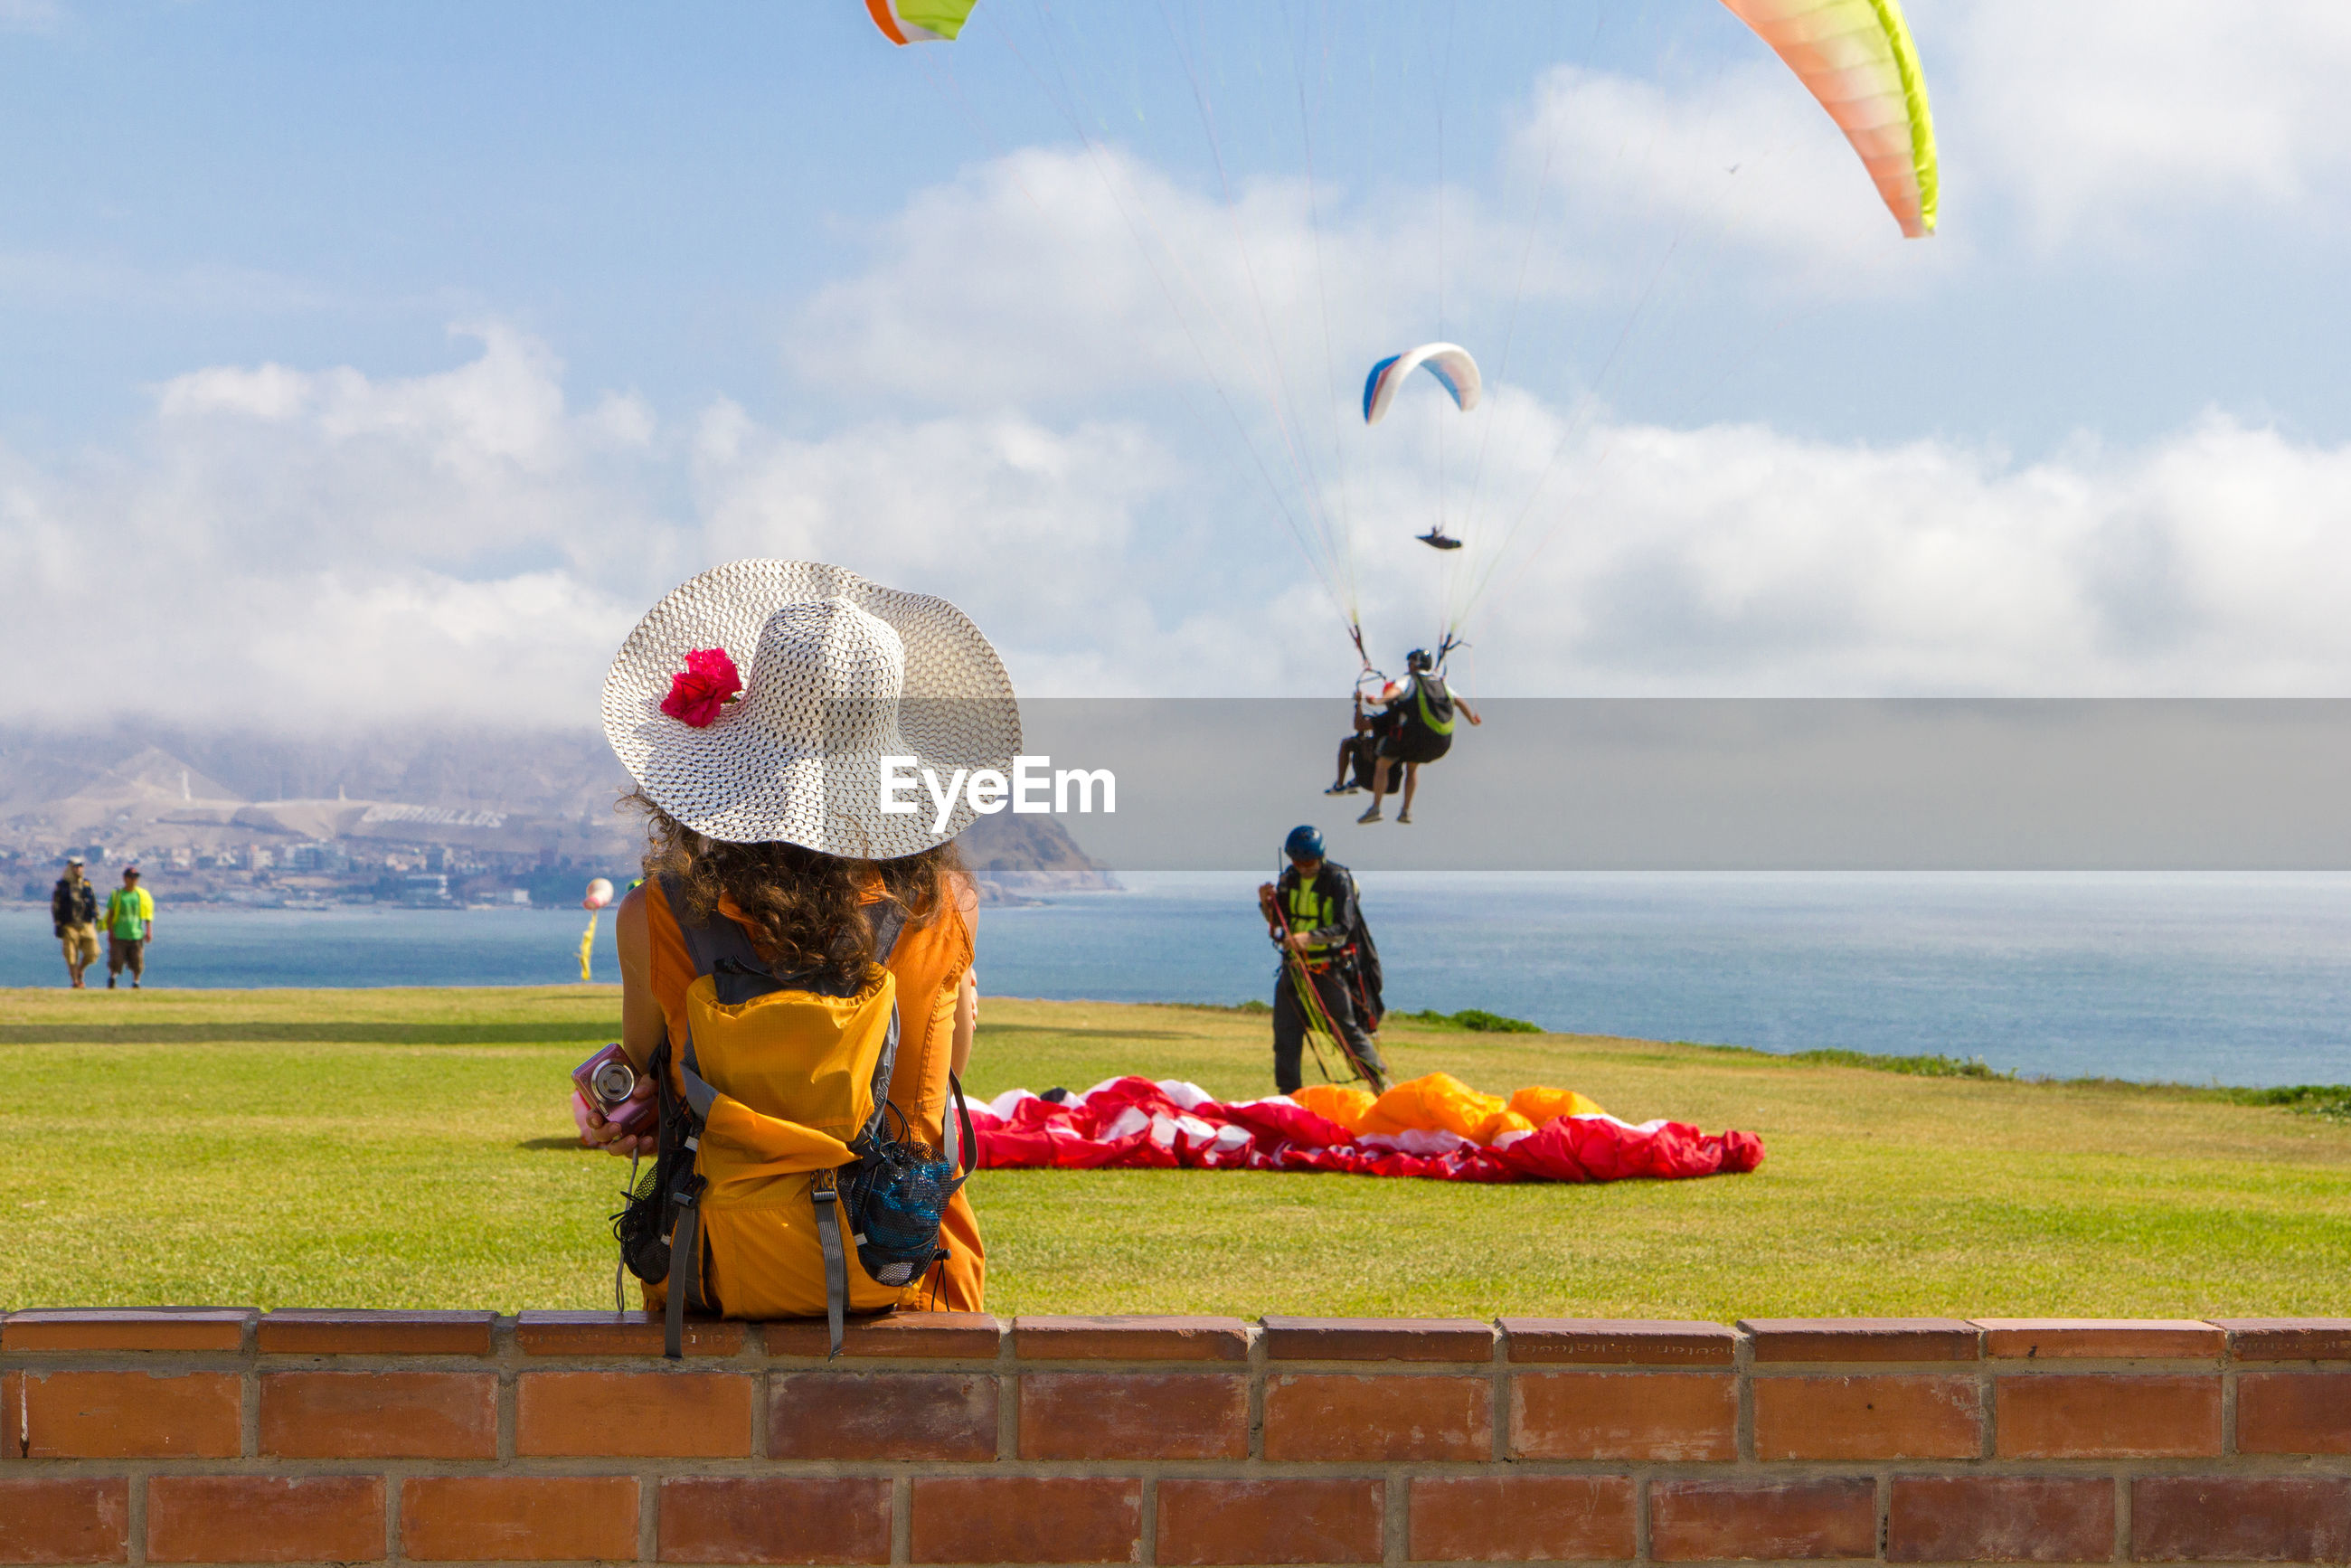 Paragliding on landscape against clouds